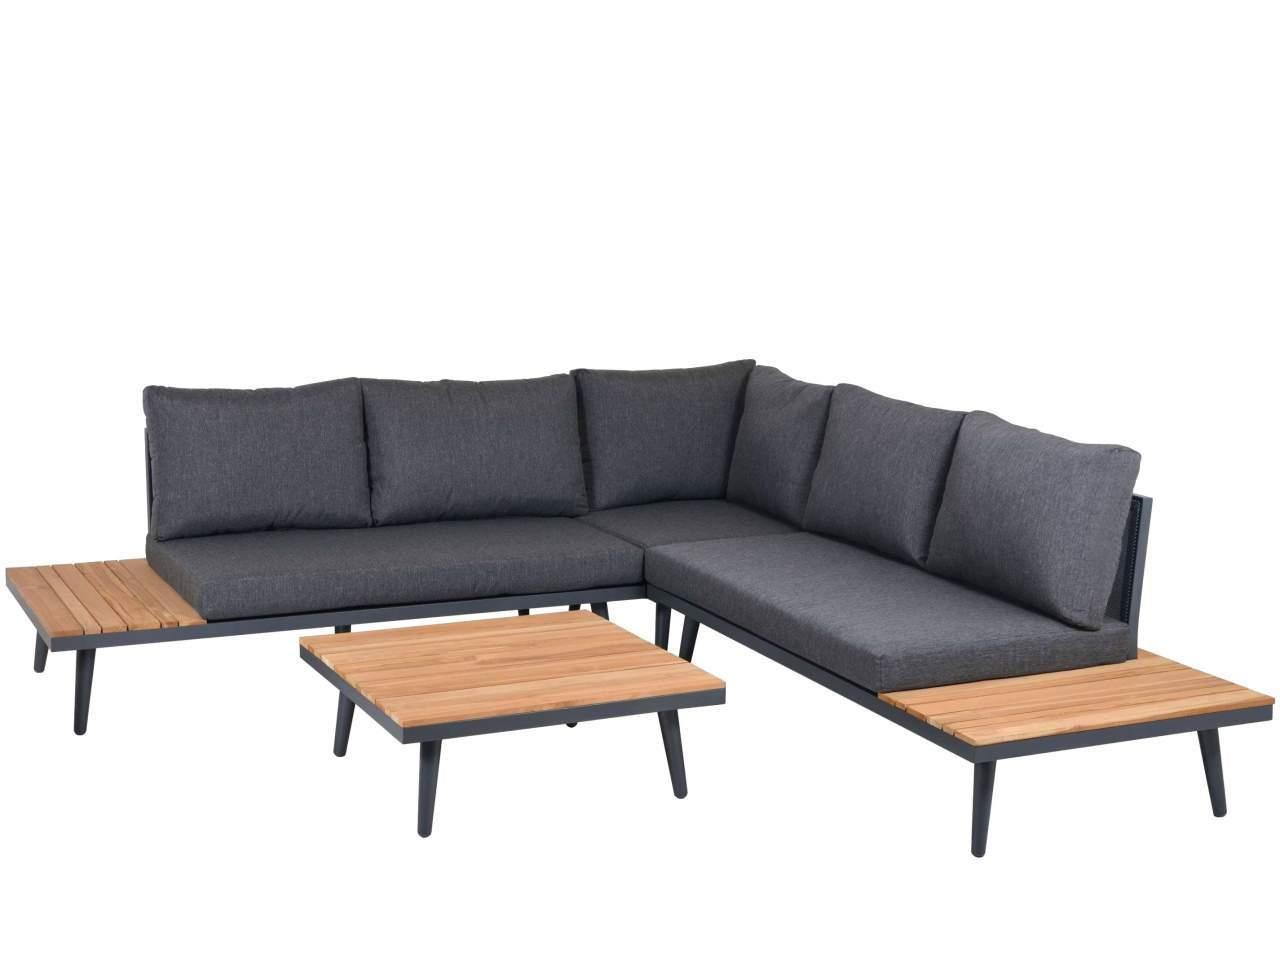 garten couch einzigartig 35 luxus couch garten einzigartig of garten couch